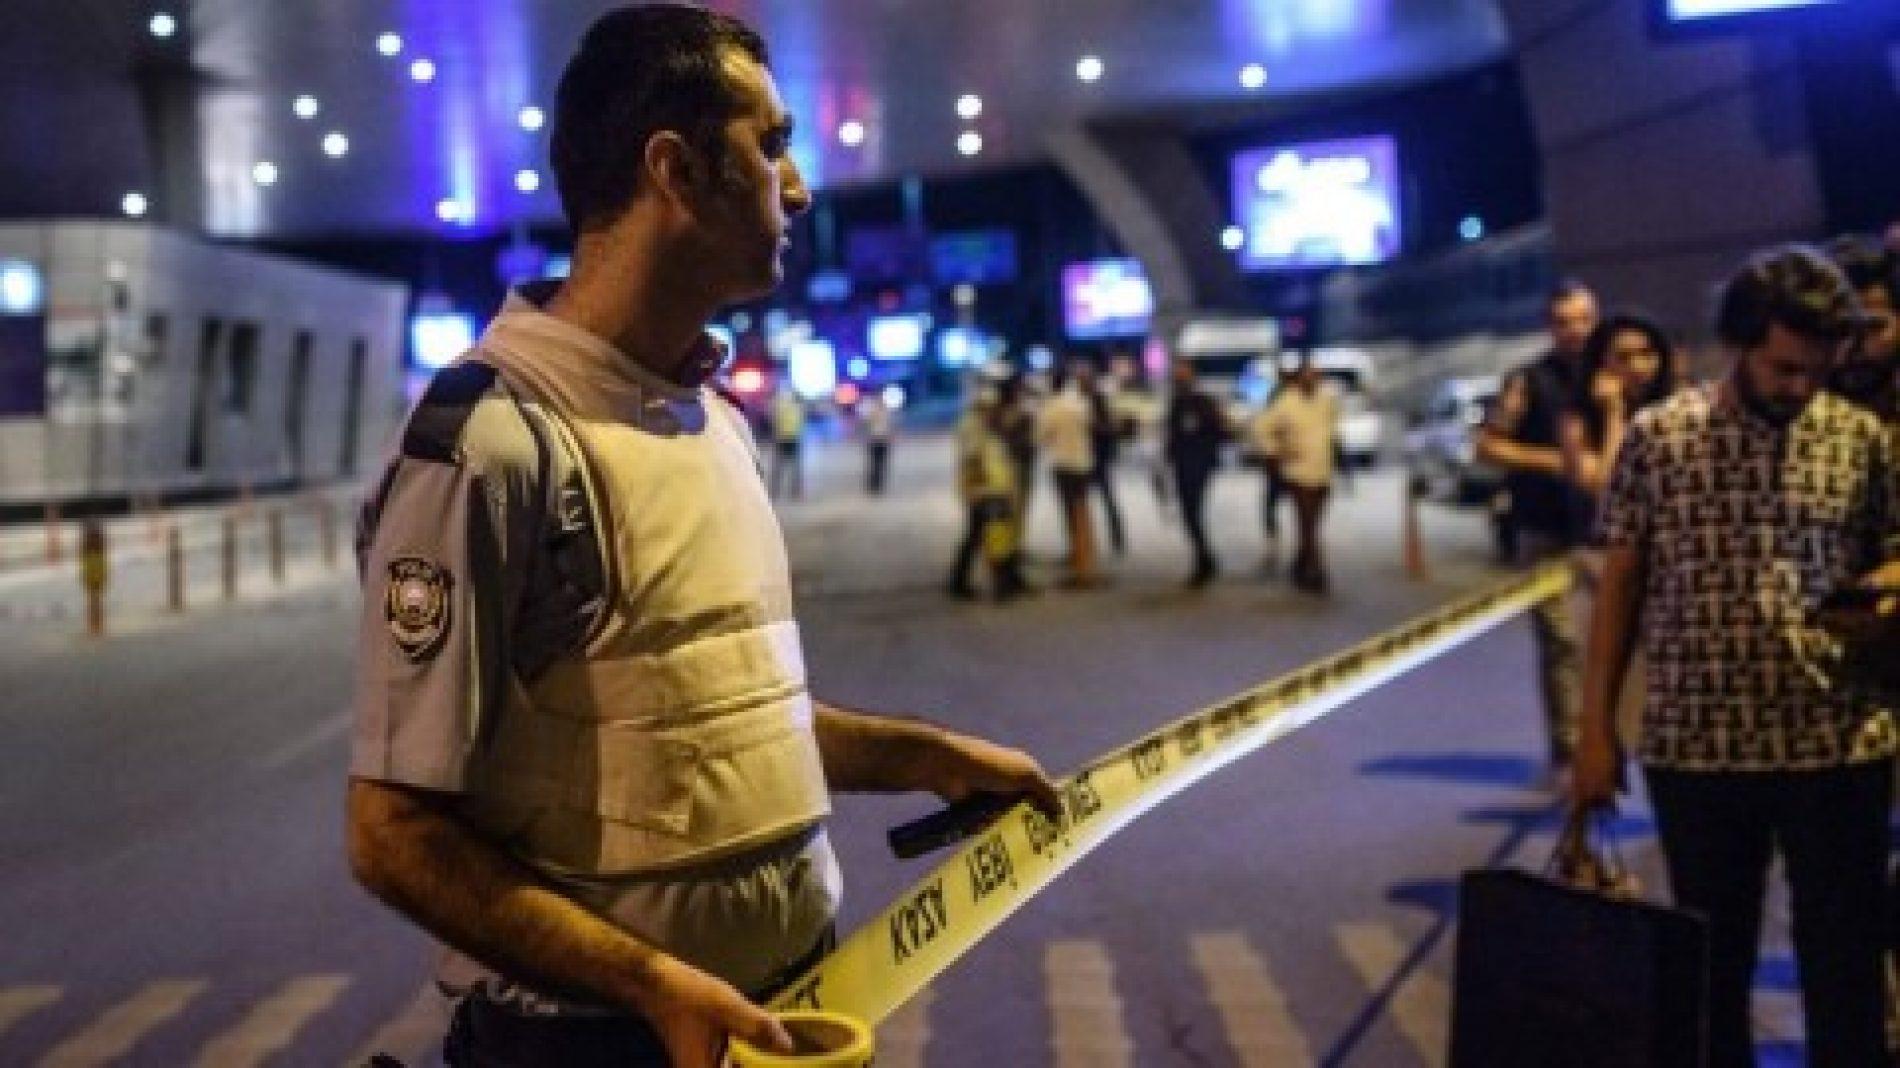 Kjo fotografi pas sulmit në Stamboll do t'iu mbushë sytë me lot (Foto)